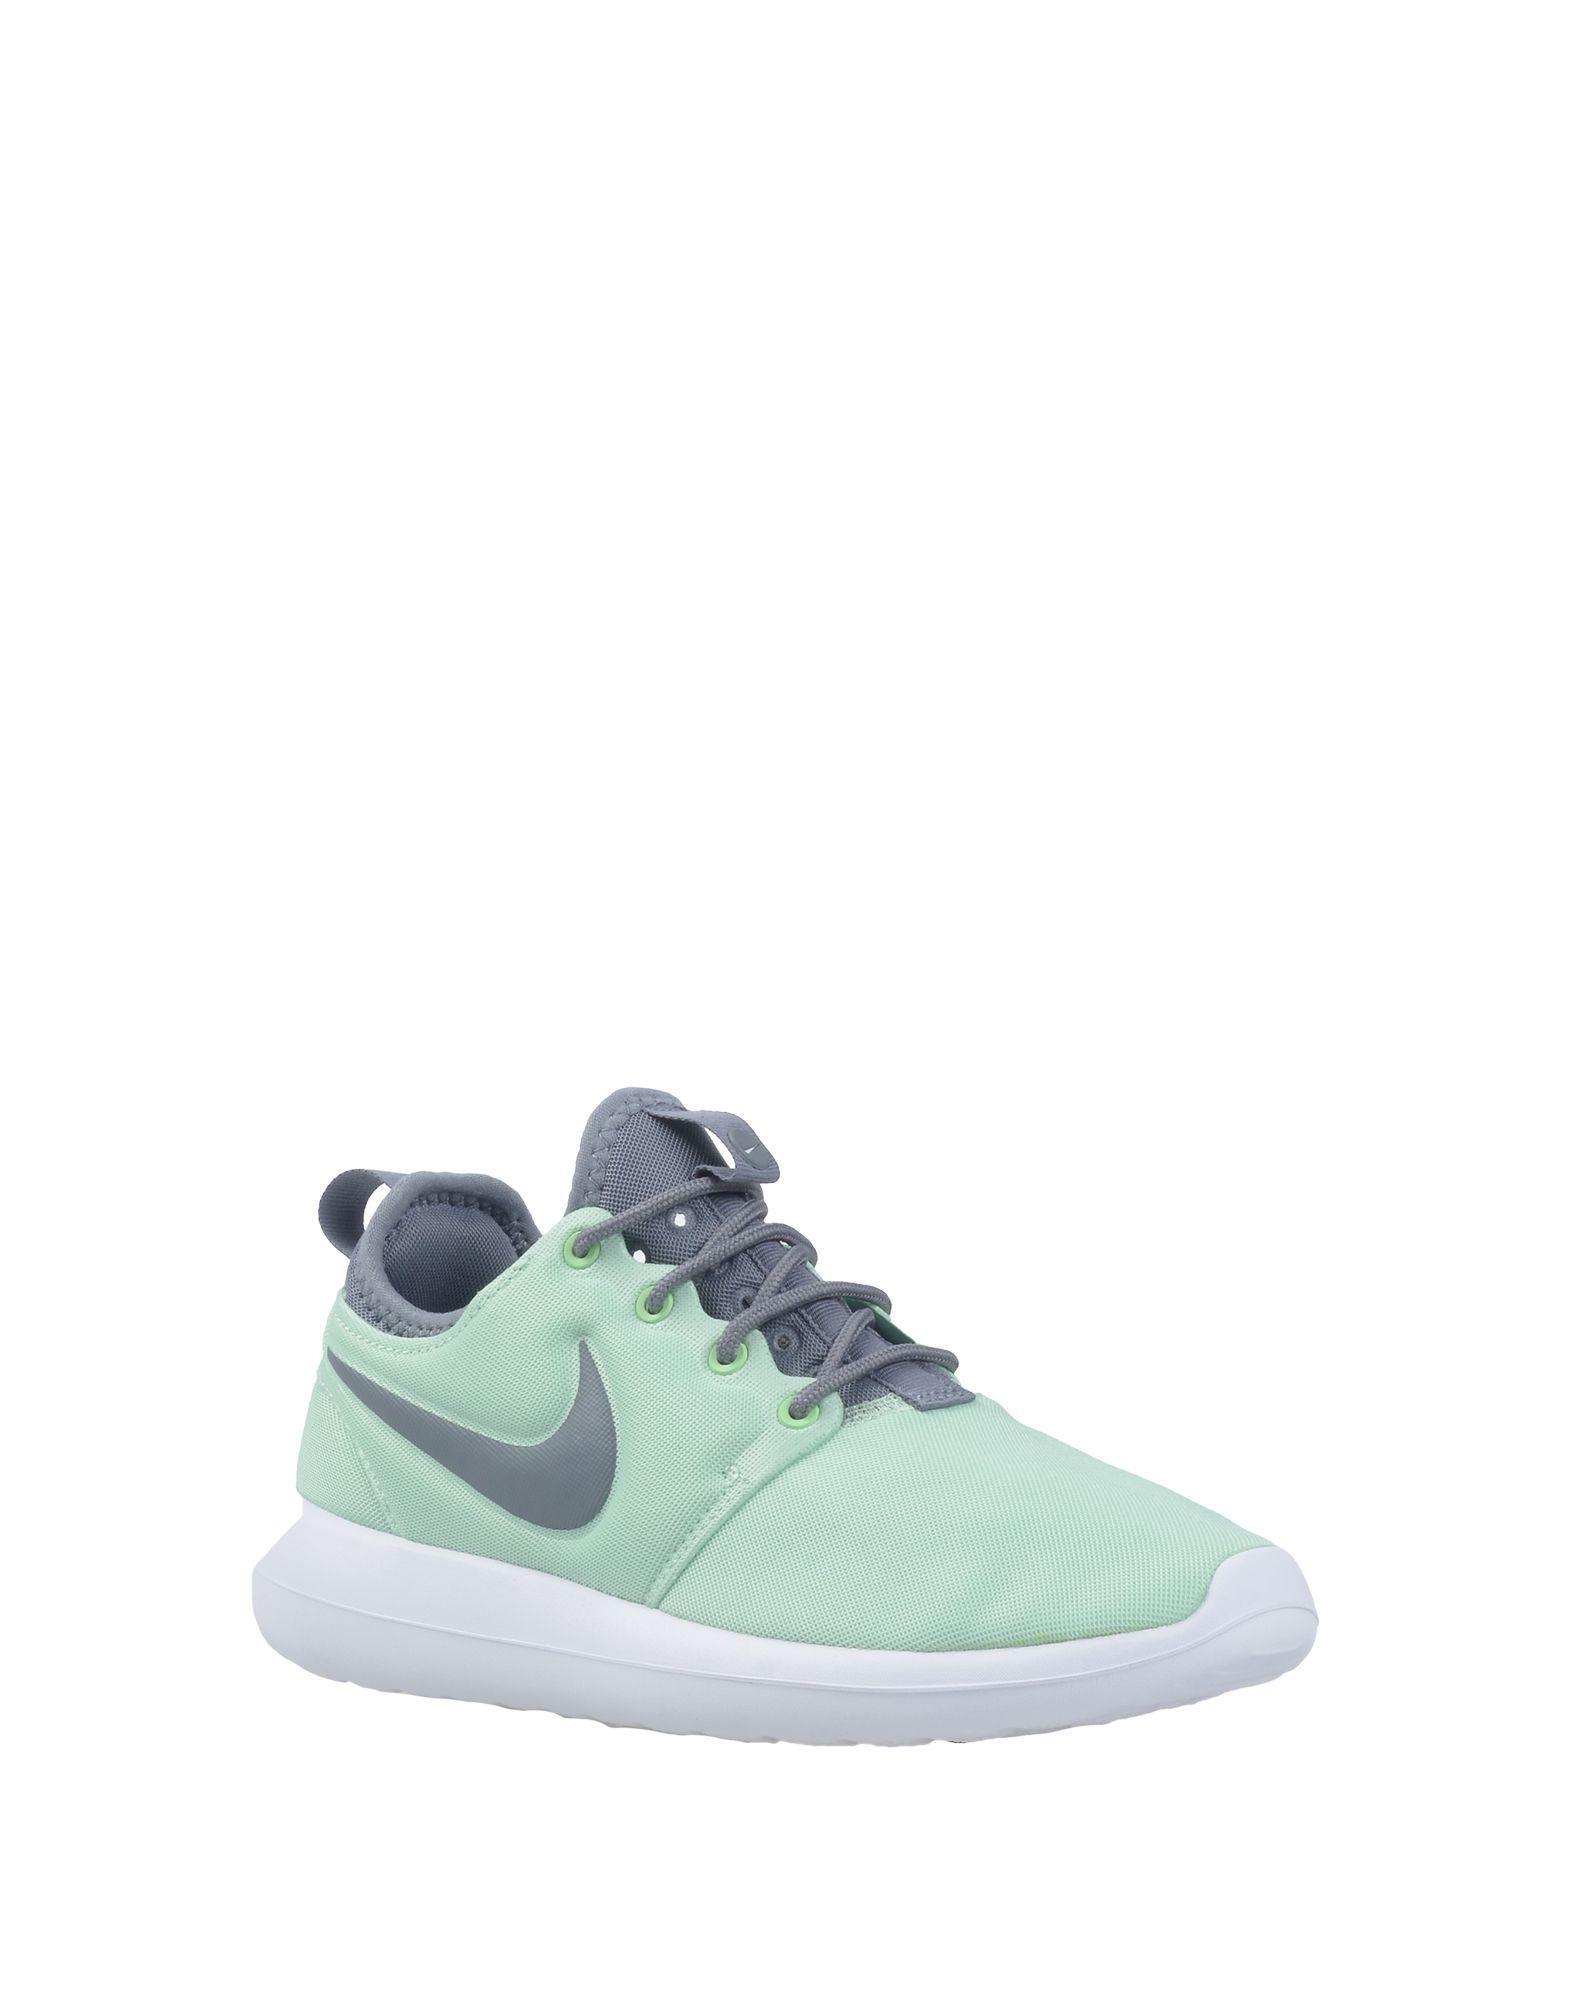 Nike Turnschuhes beliebte Damen 11409162FR Gute Qualität beliebte Turnschuhes Schuhe 651c13